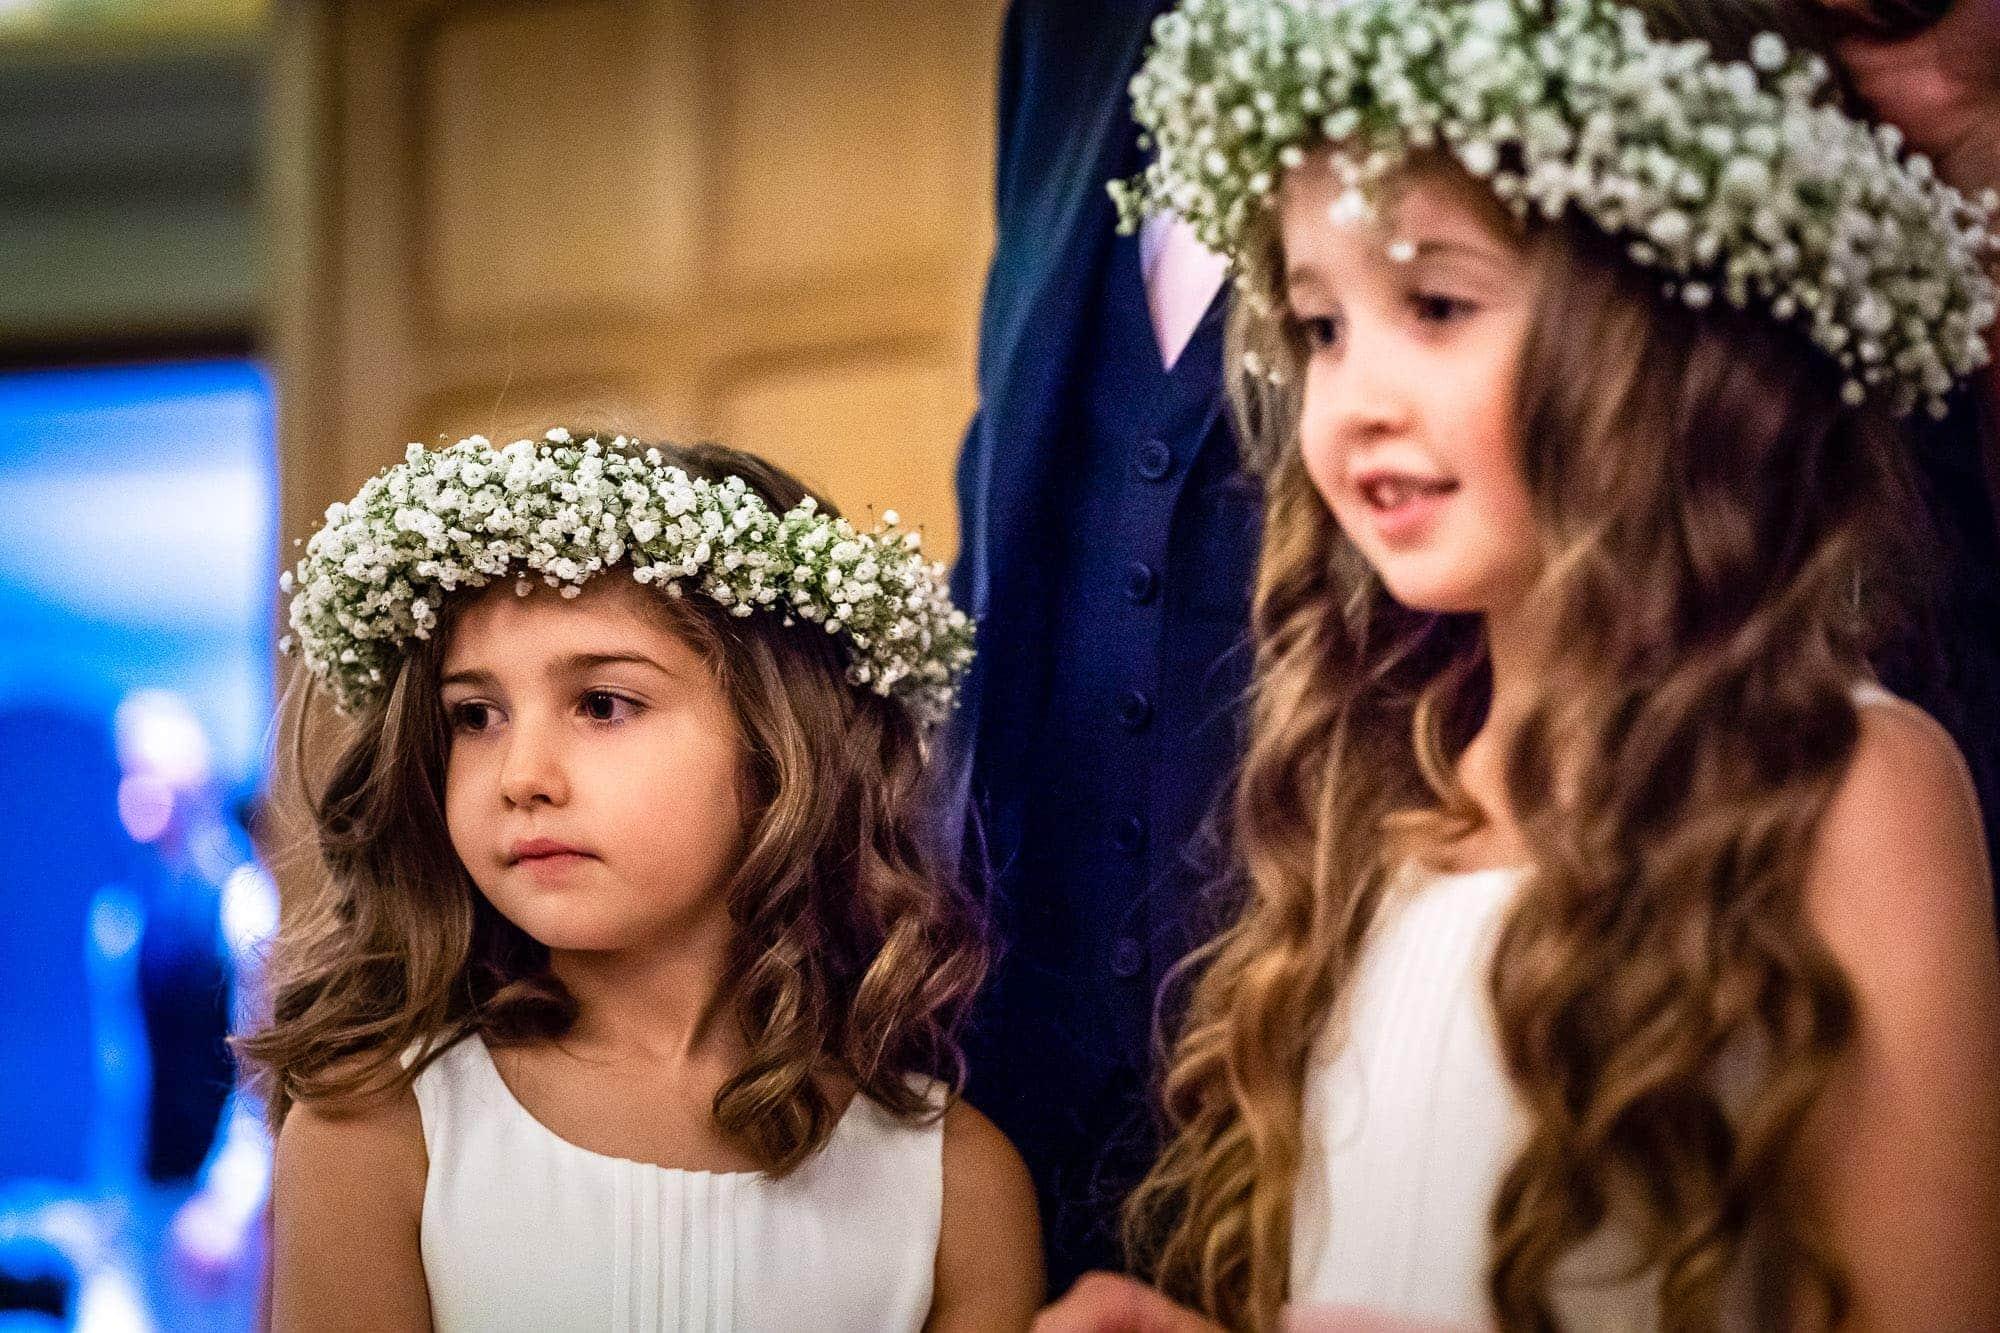 Flowers Girls in Daisy tiaras